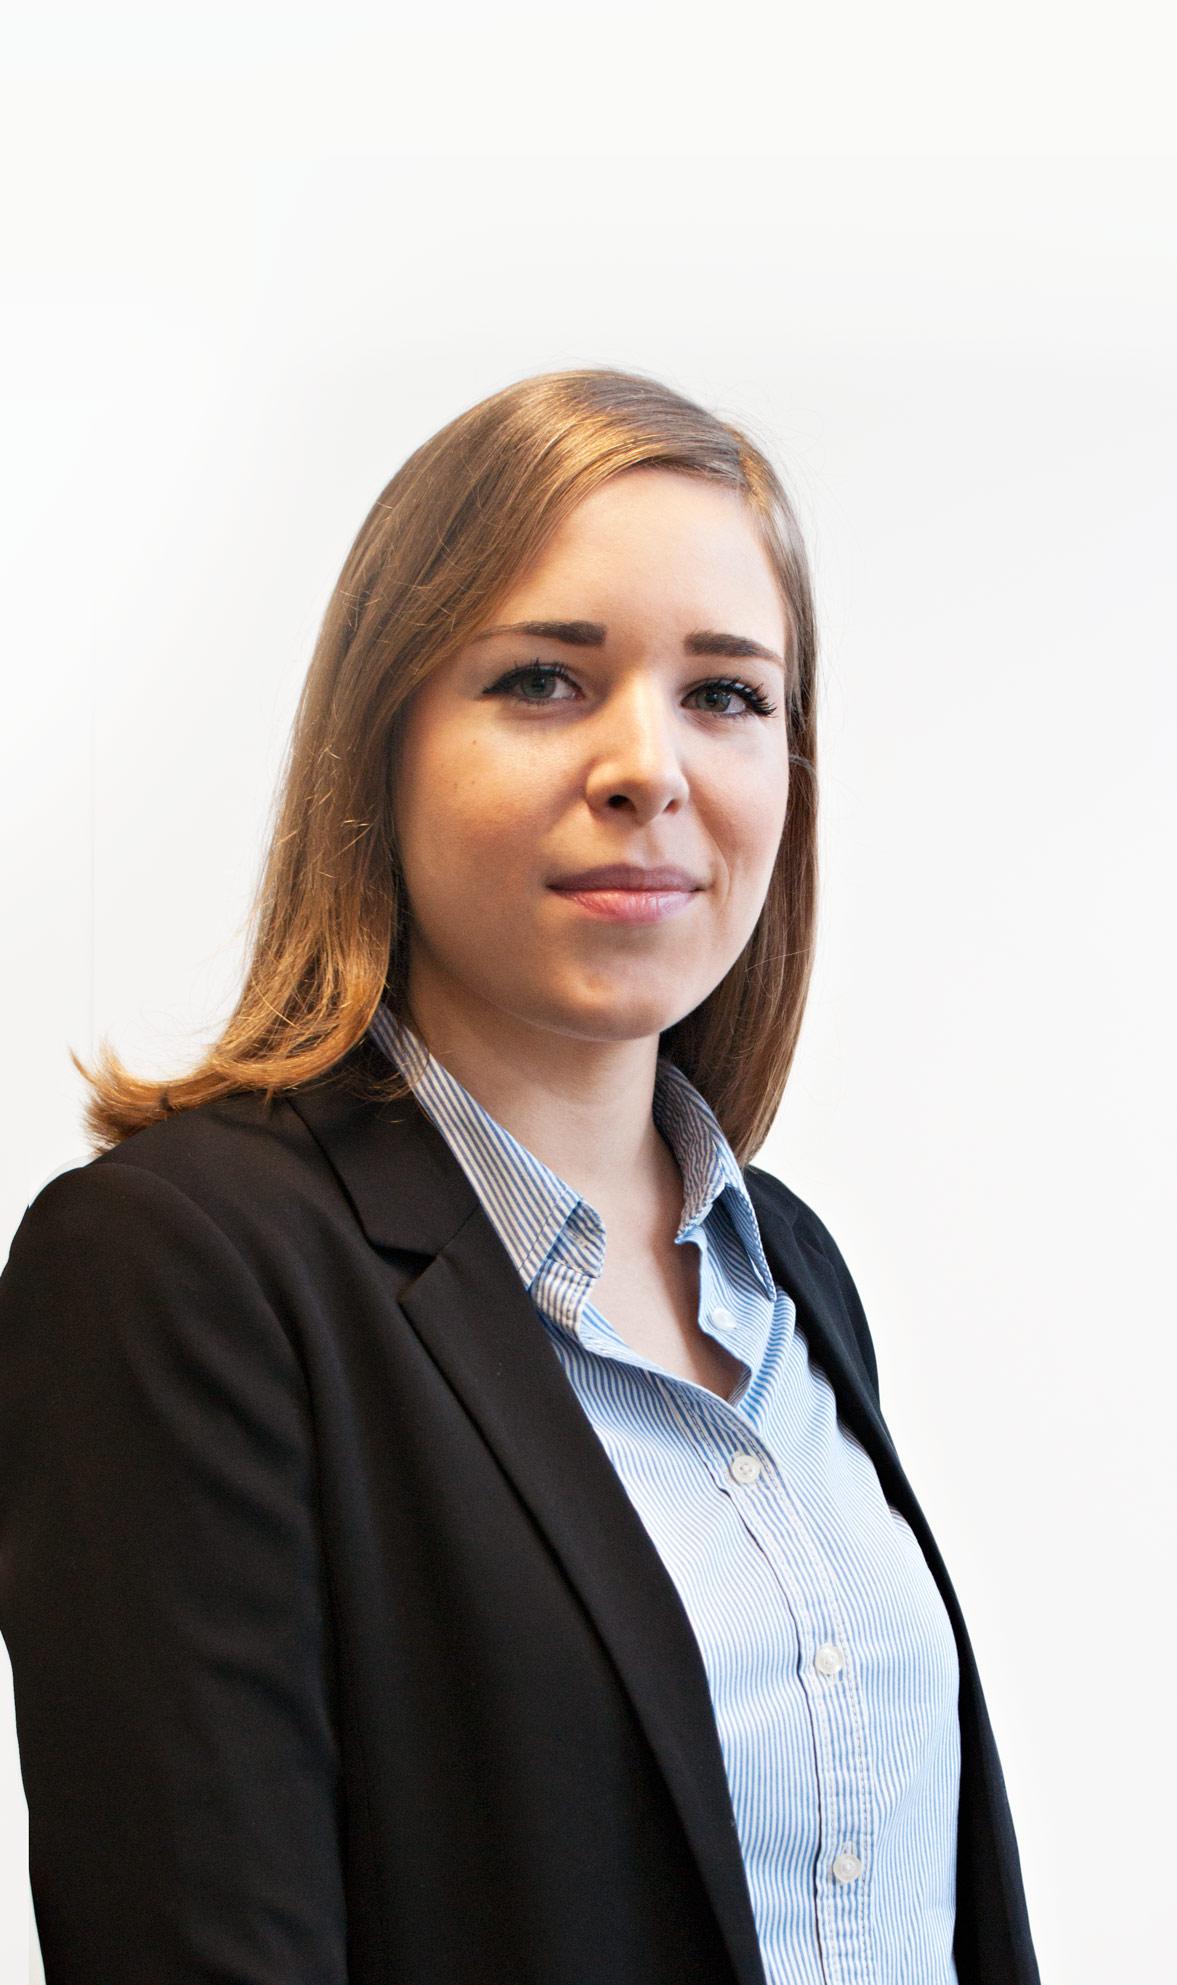 Marie Judic